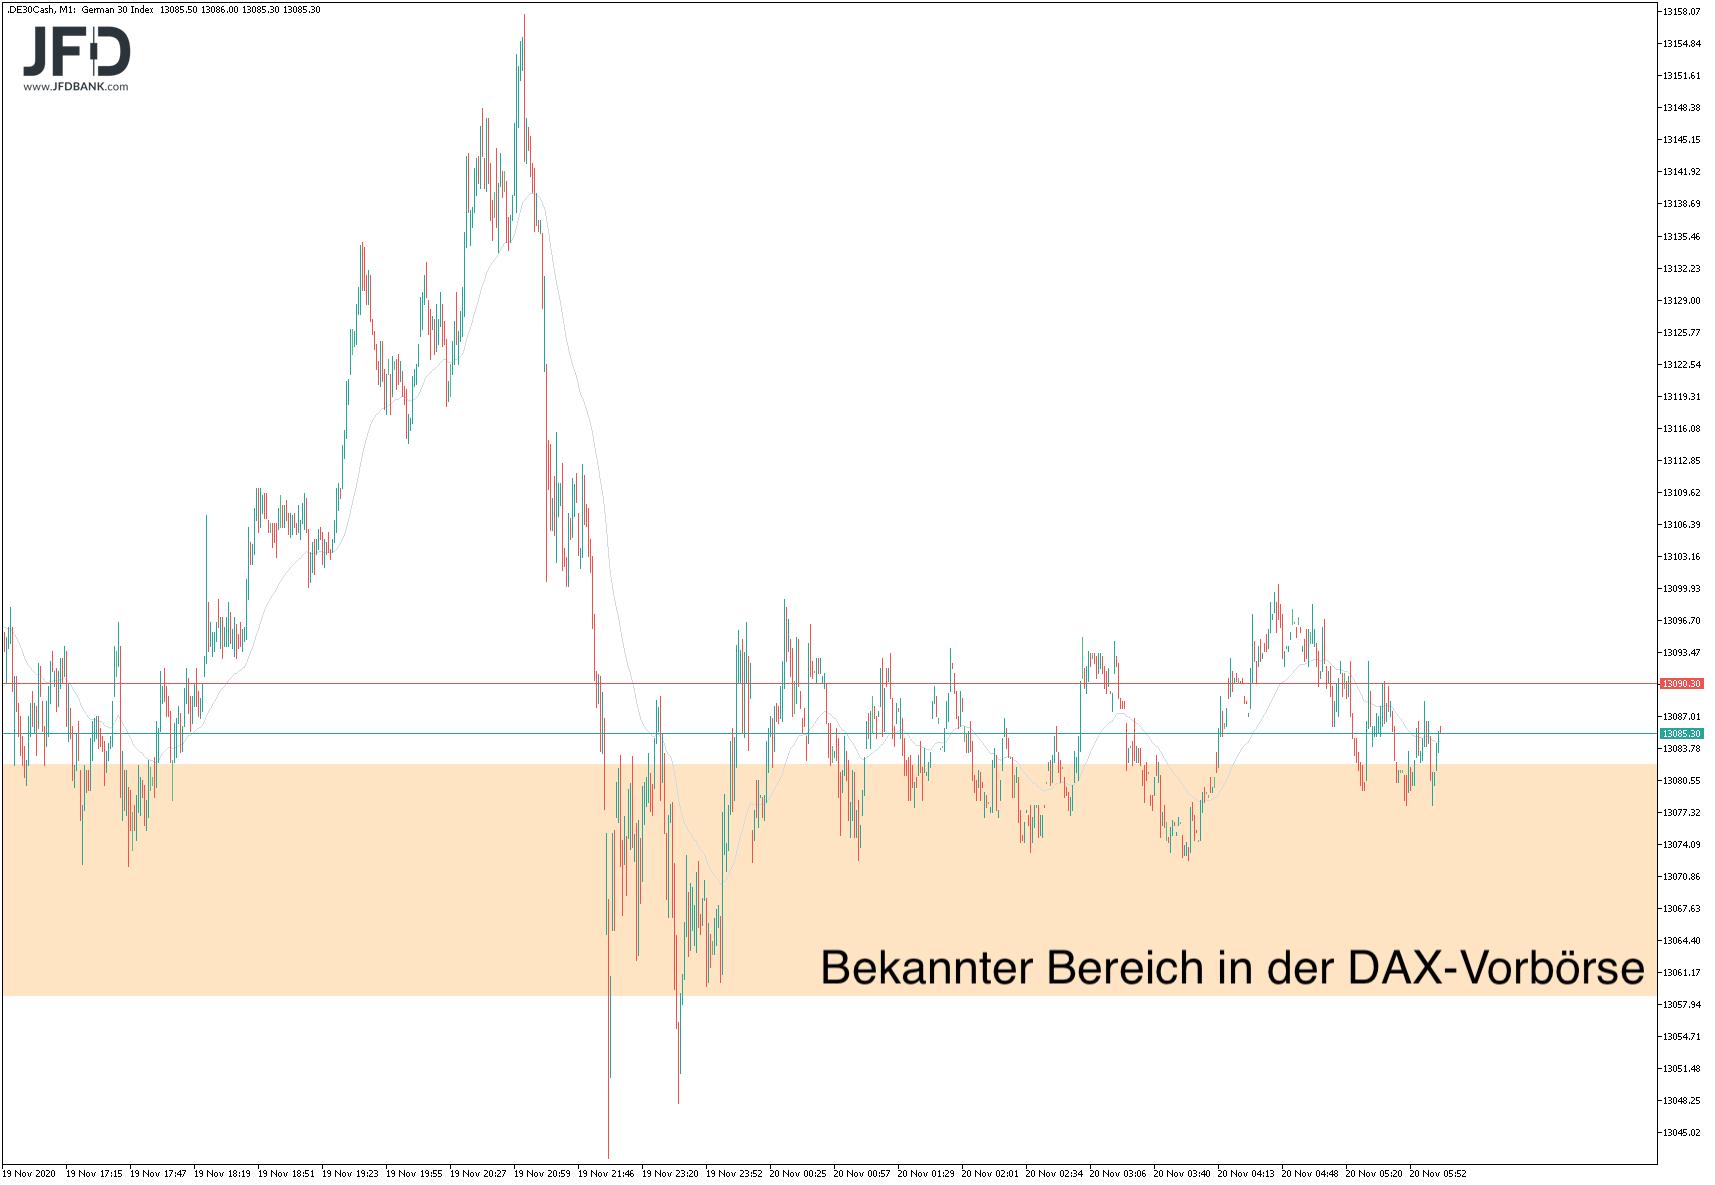 DAX Vorbörse erneut an Unterstützung